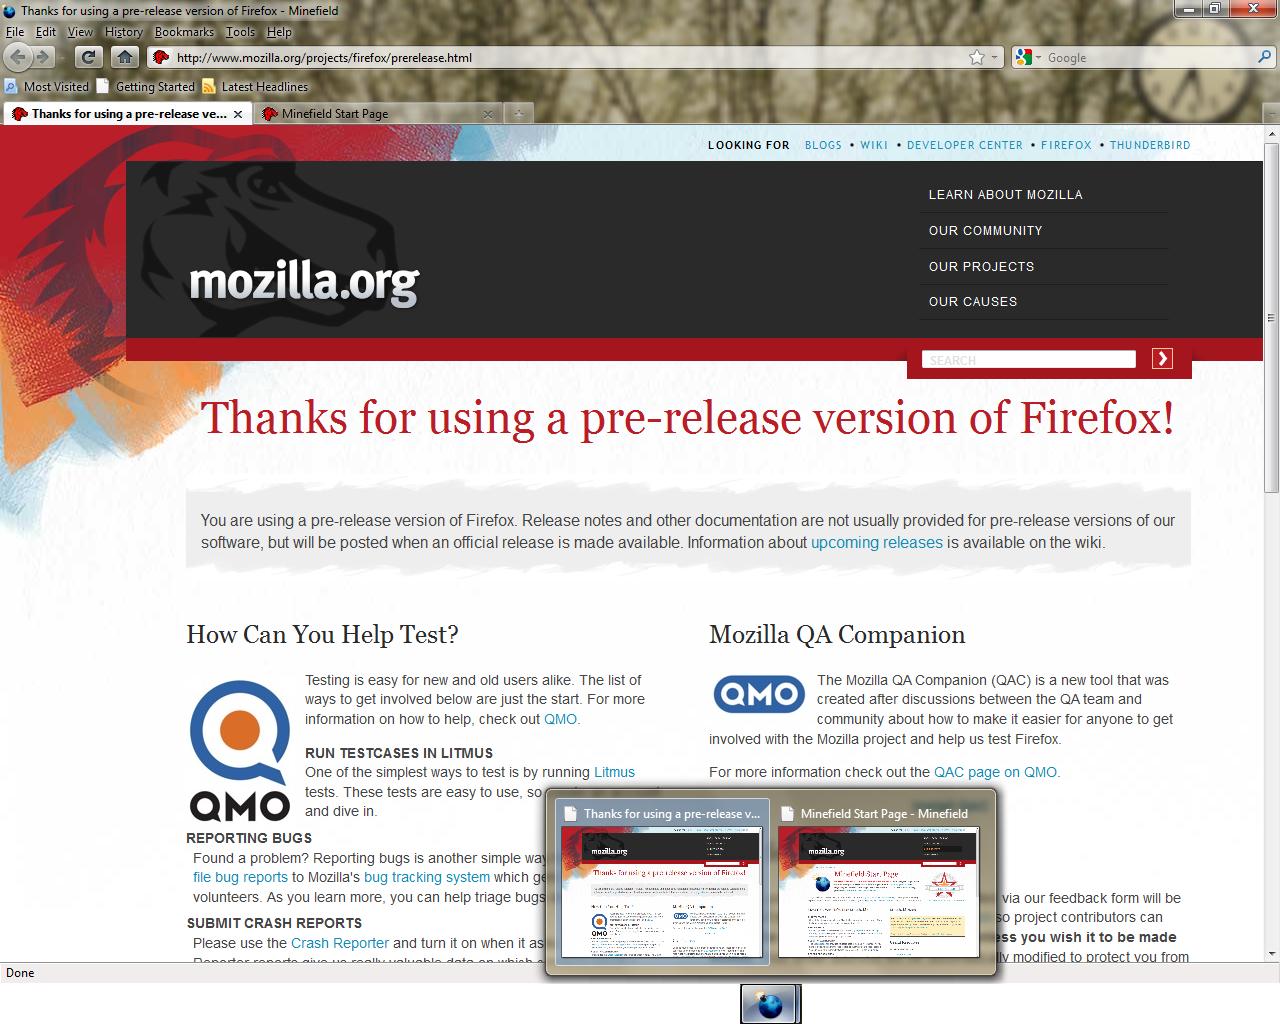 Przeglądarka Firefox z obsługą przezroczystości interfejsu Aero i miniaturkami systemu Windows 7